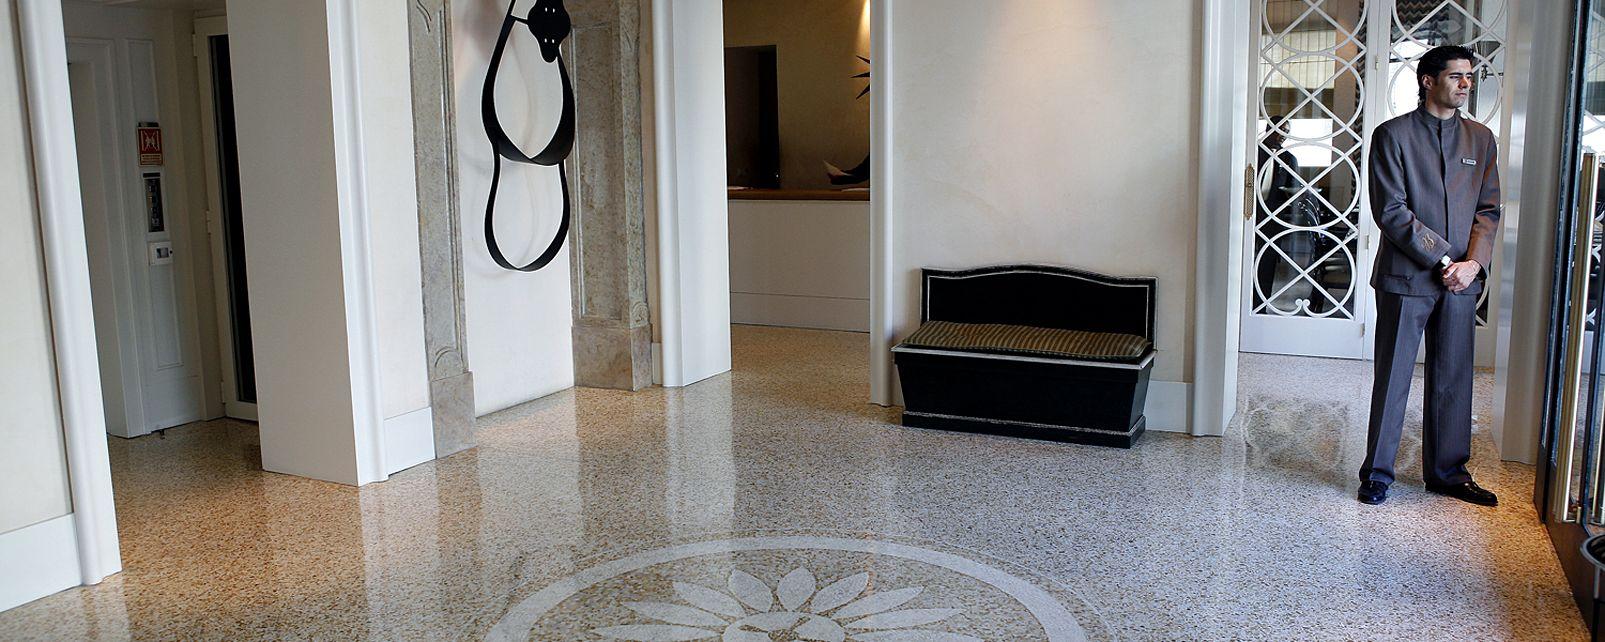 Hôtel Bairro Alto